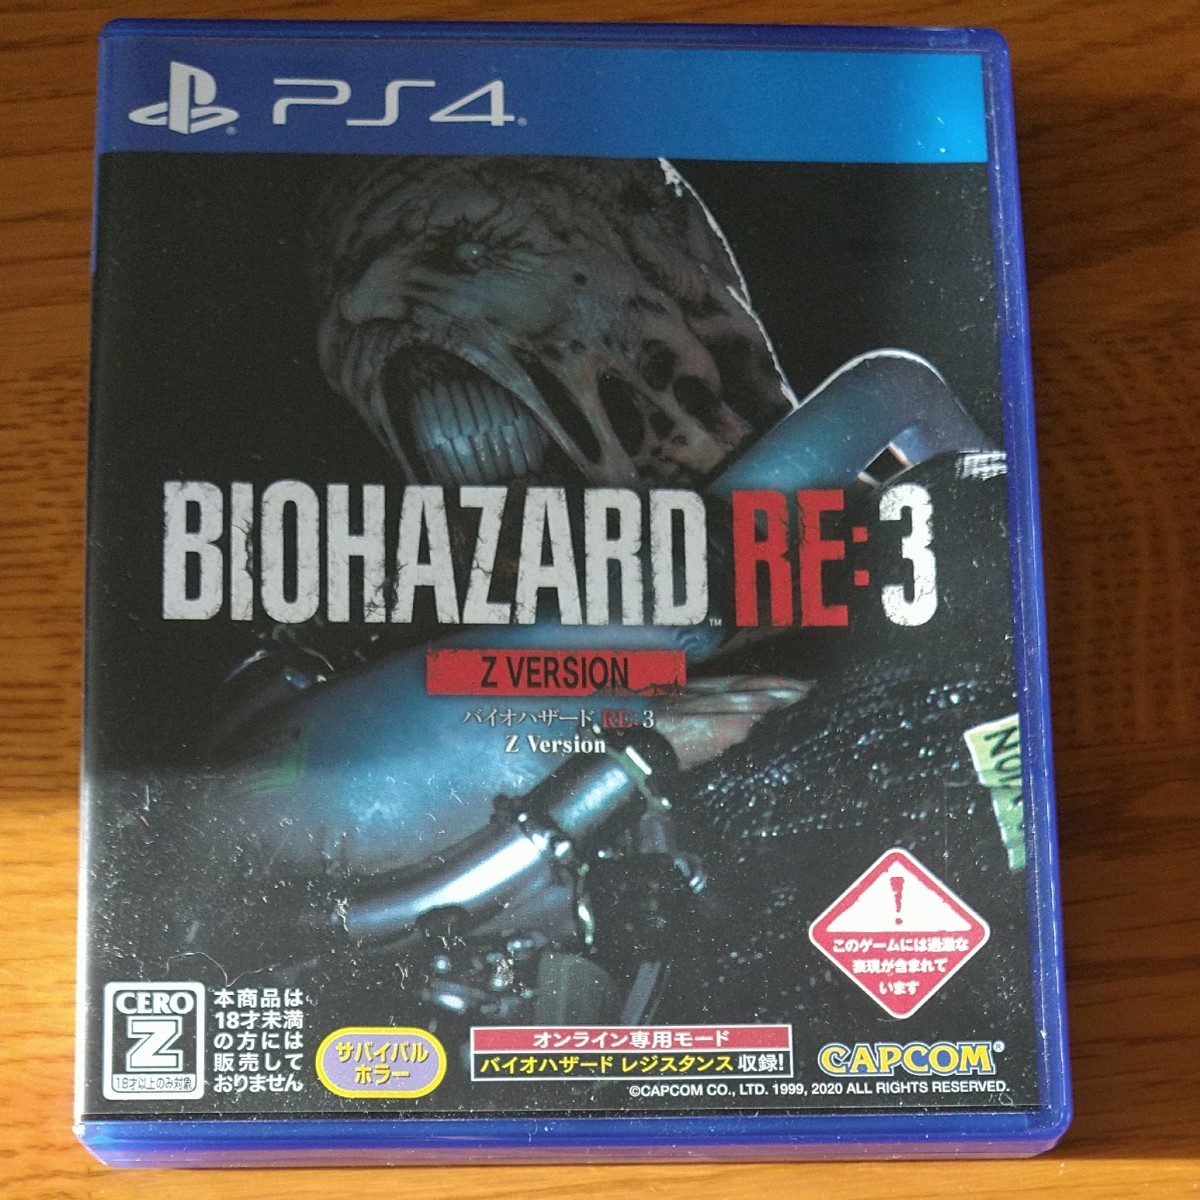 バイオハザード RE:3 BIOHAZARD RE:3 PS4